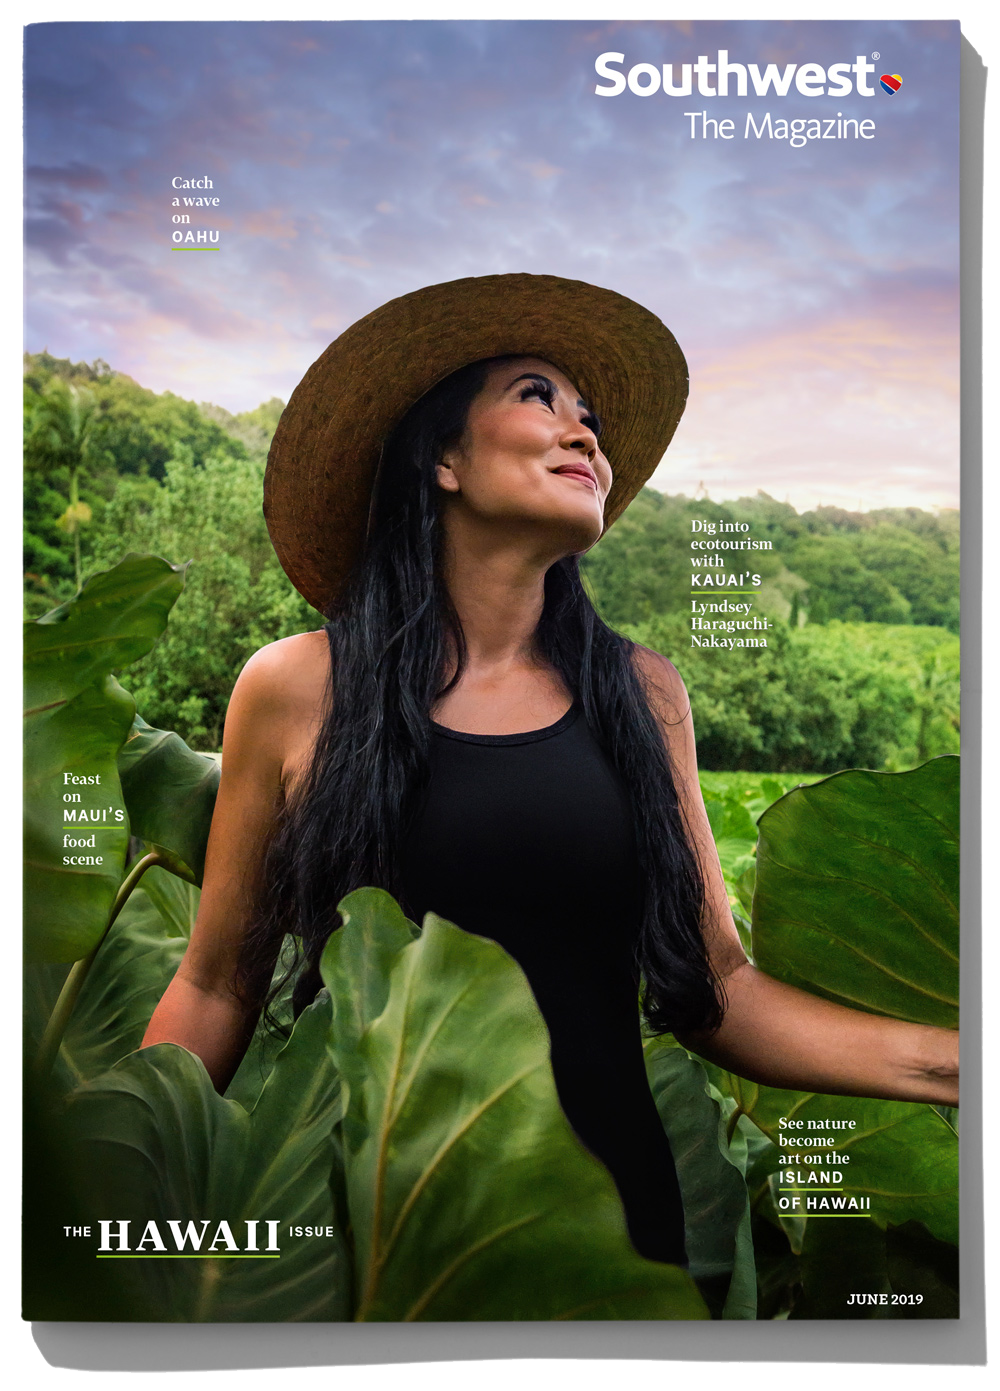 HAWAII_Cover2-crop-web-trans.png